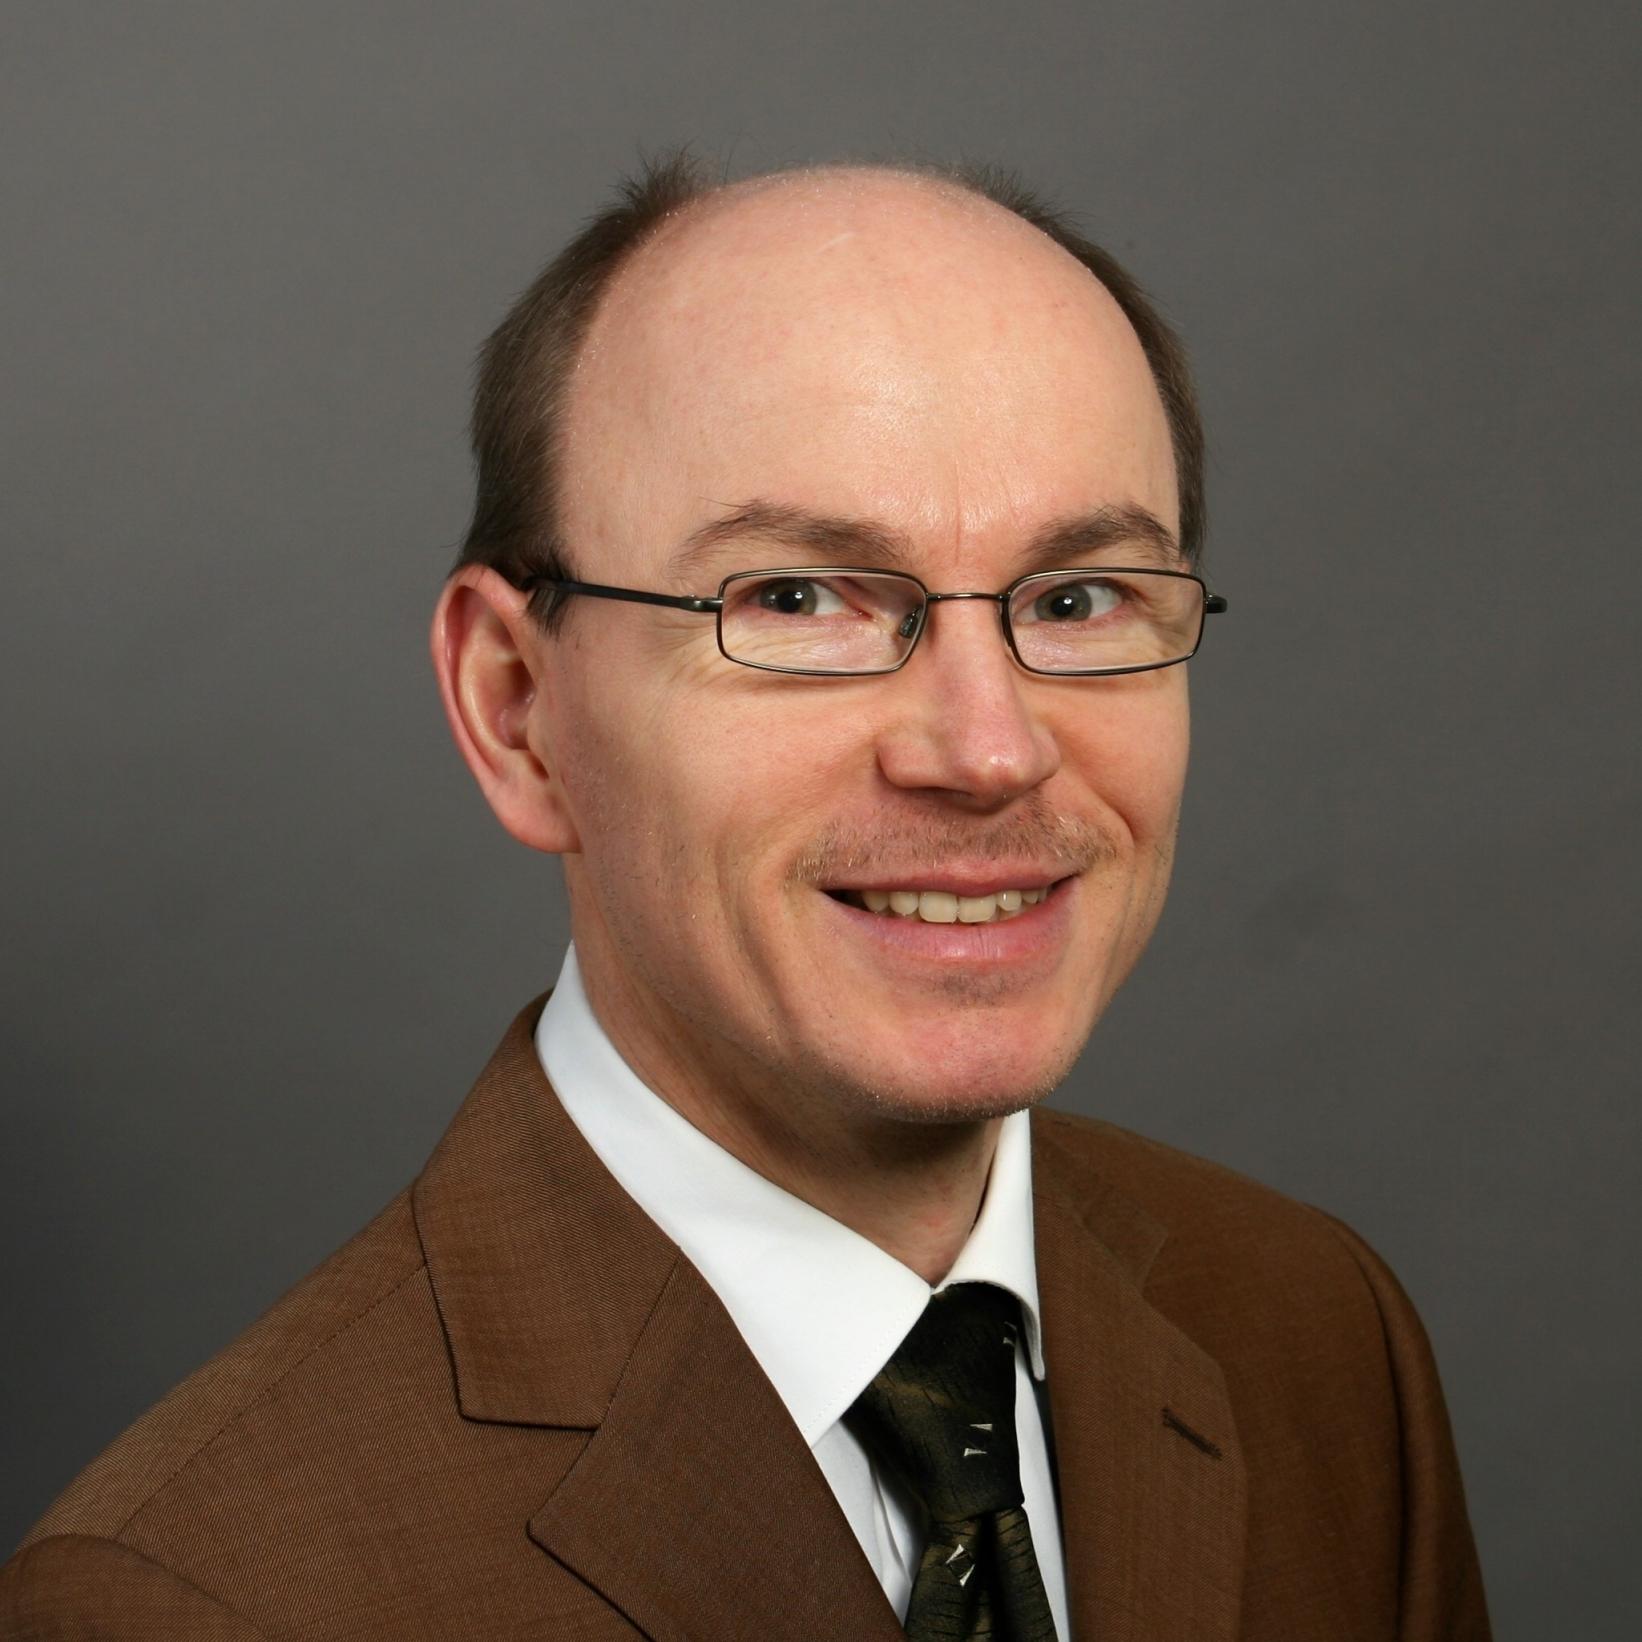 Dr. René Krempkow